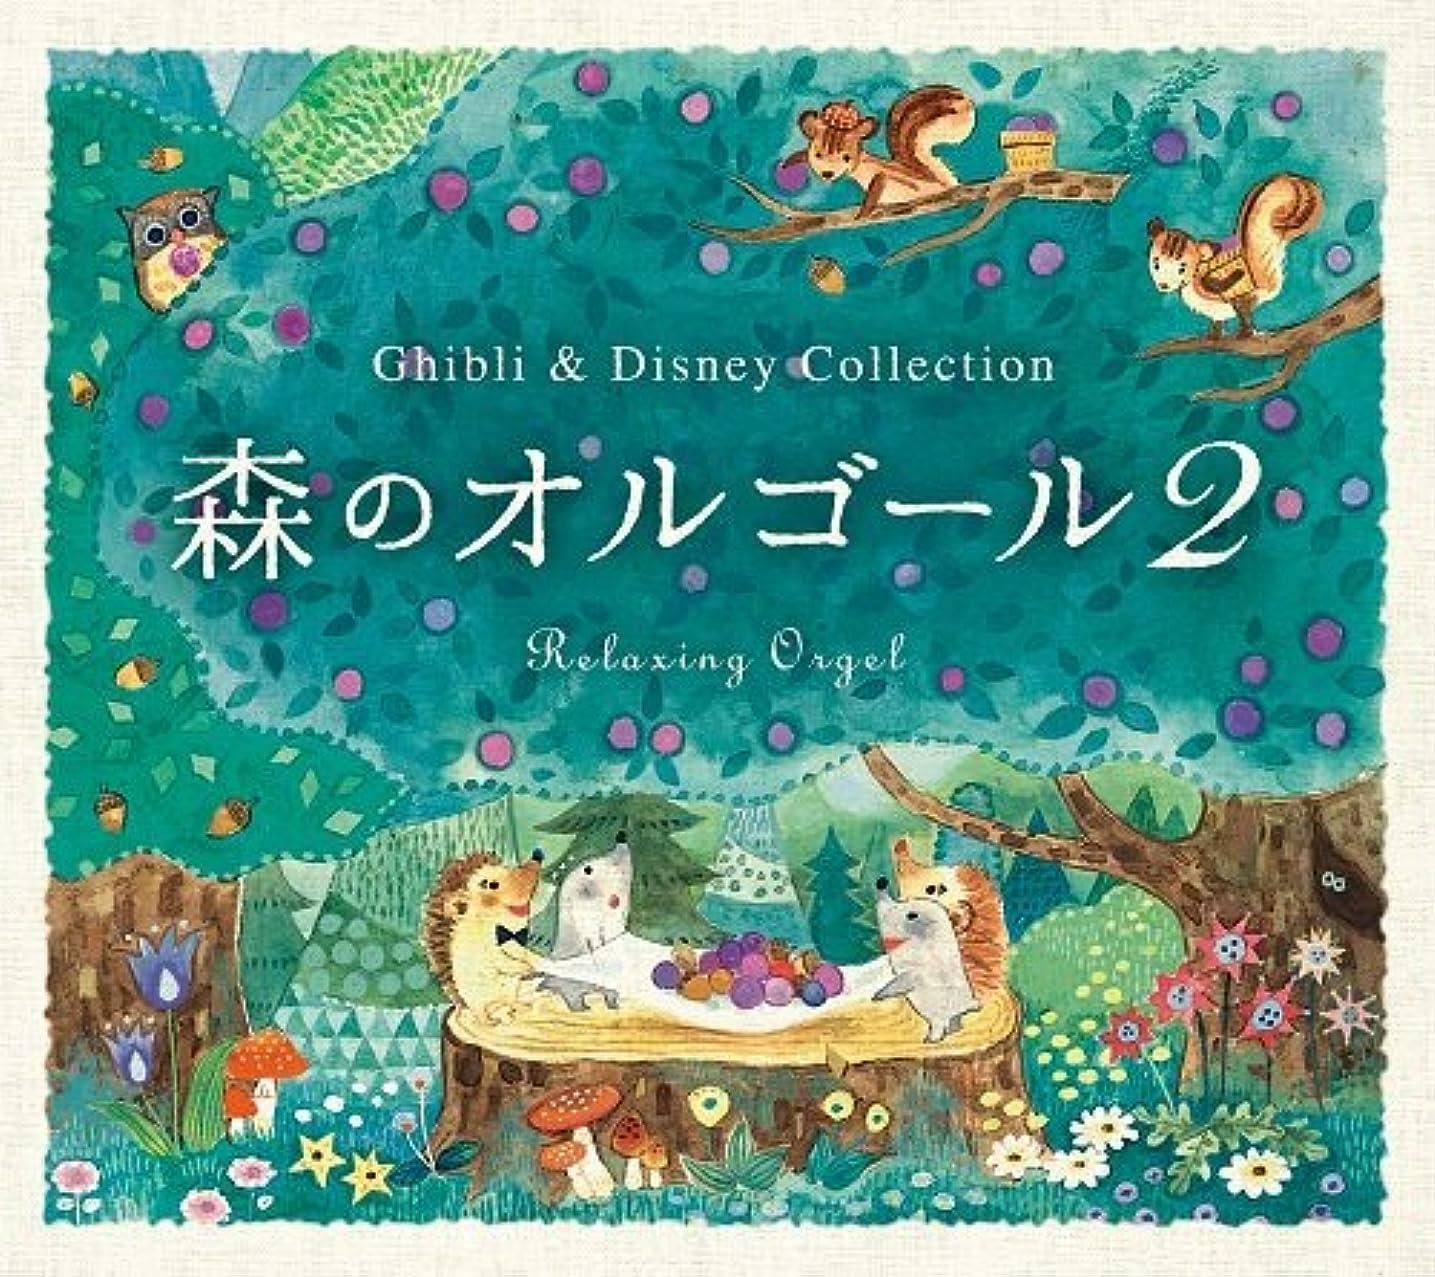 ヘッジシロナガスクジラ金銭的森のオルゴール2~ジブリ&ディズニー?コレクション